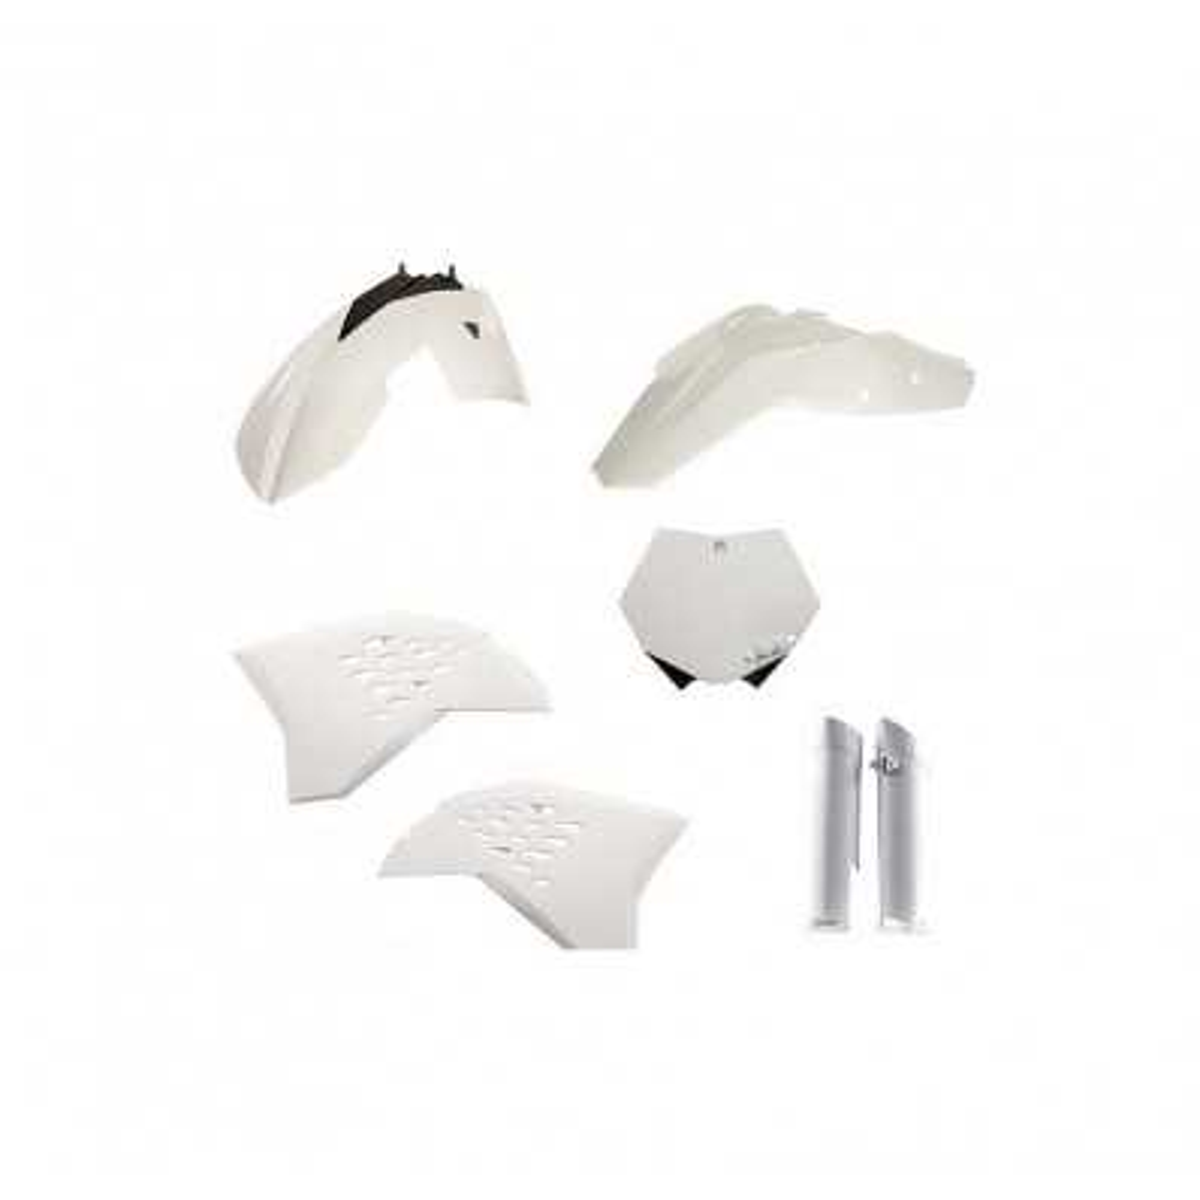 0017703-553 - Kit Plasticos Te Fe 14 16 Origen